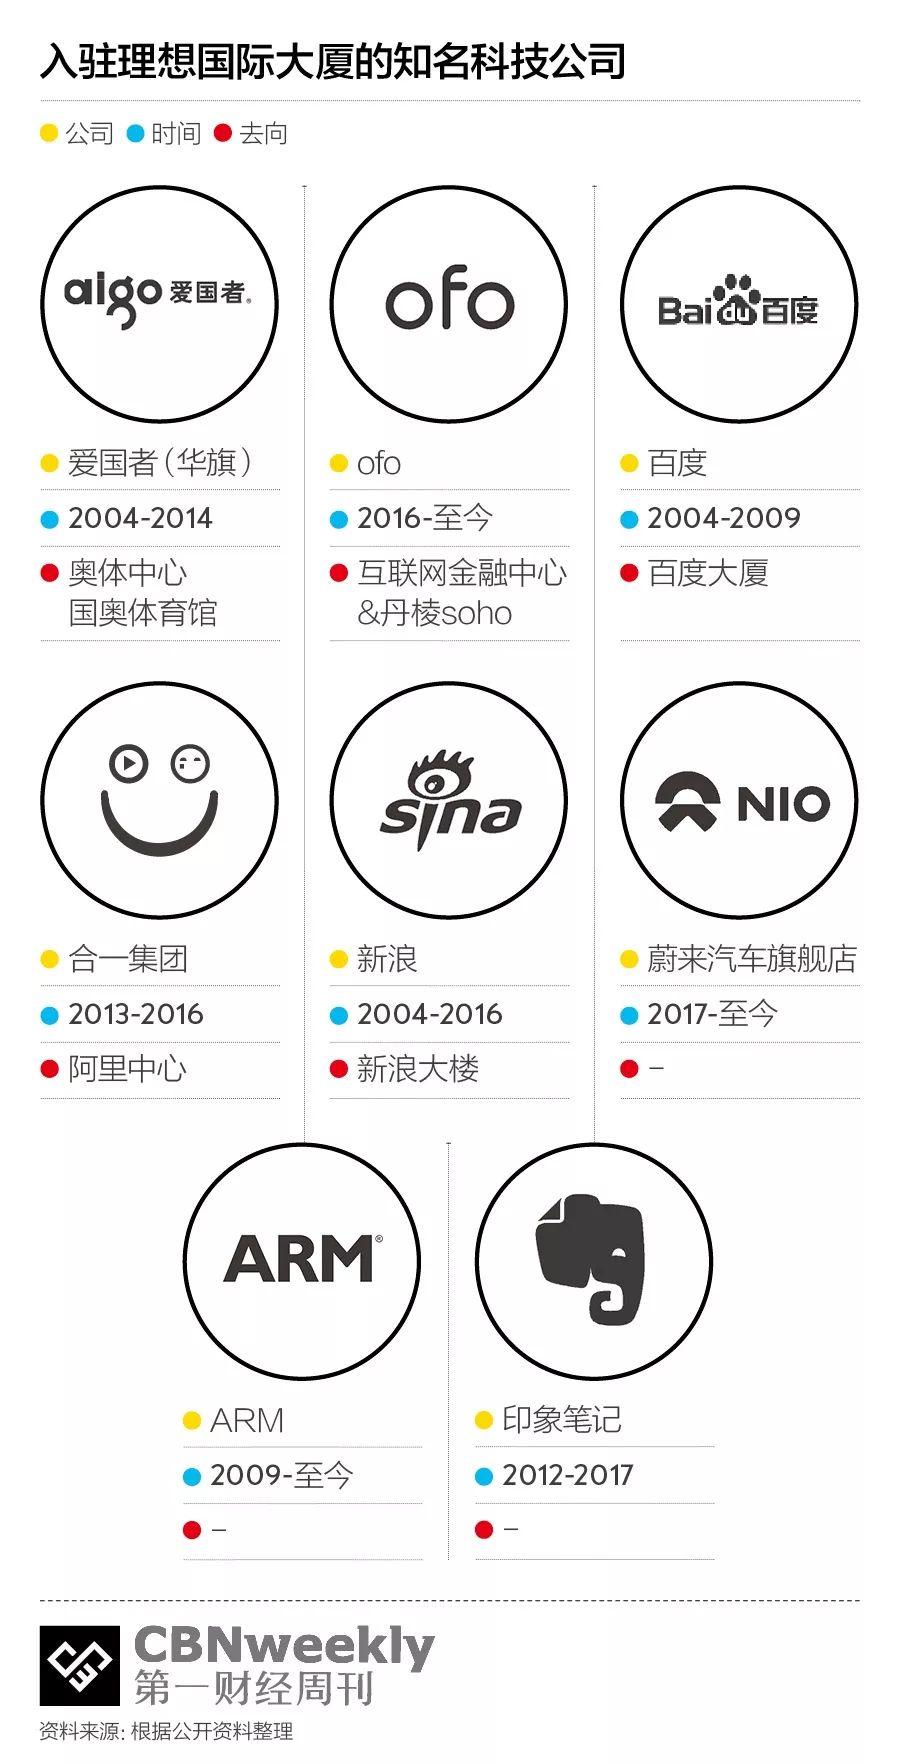 入驻这栋大楼的企业,组成了中国互联网创业简史